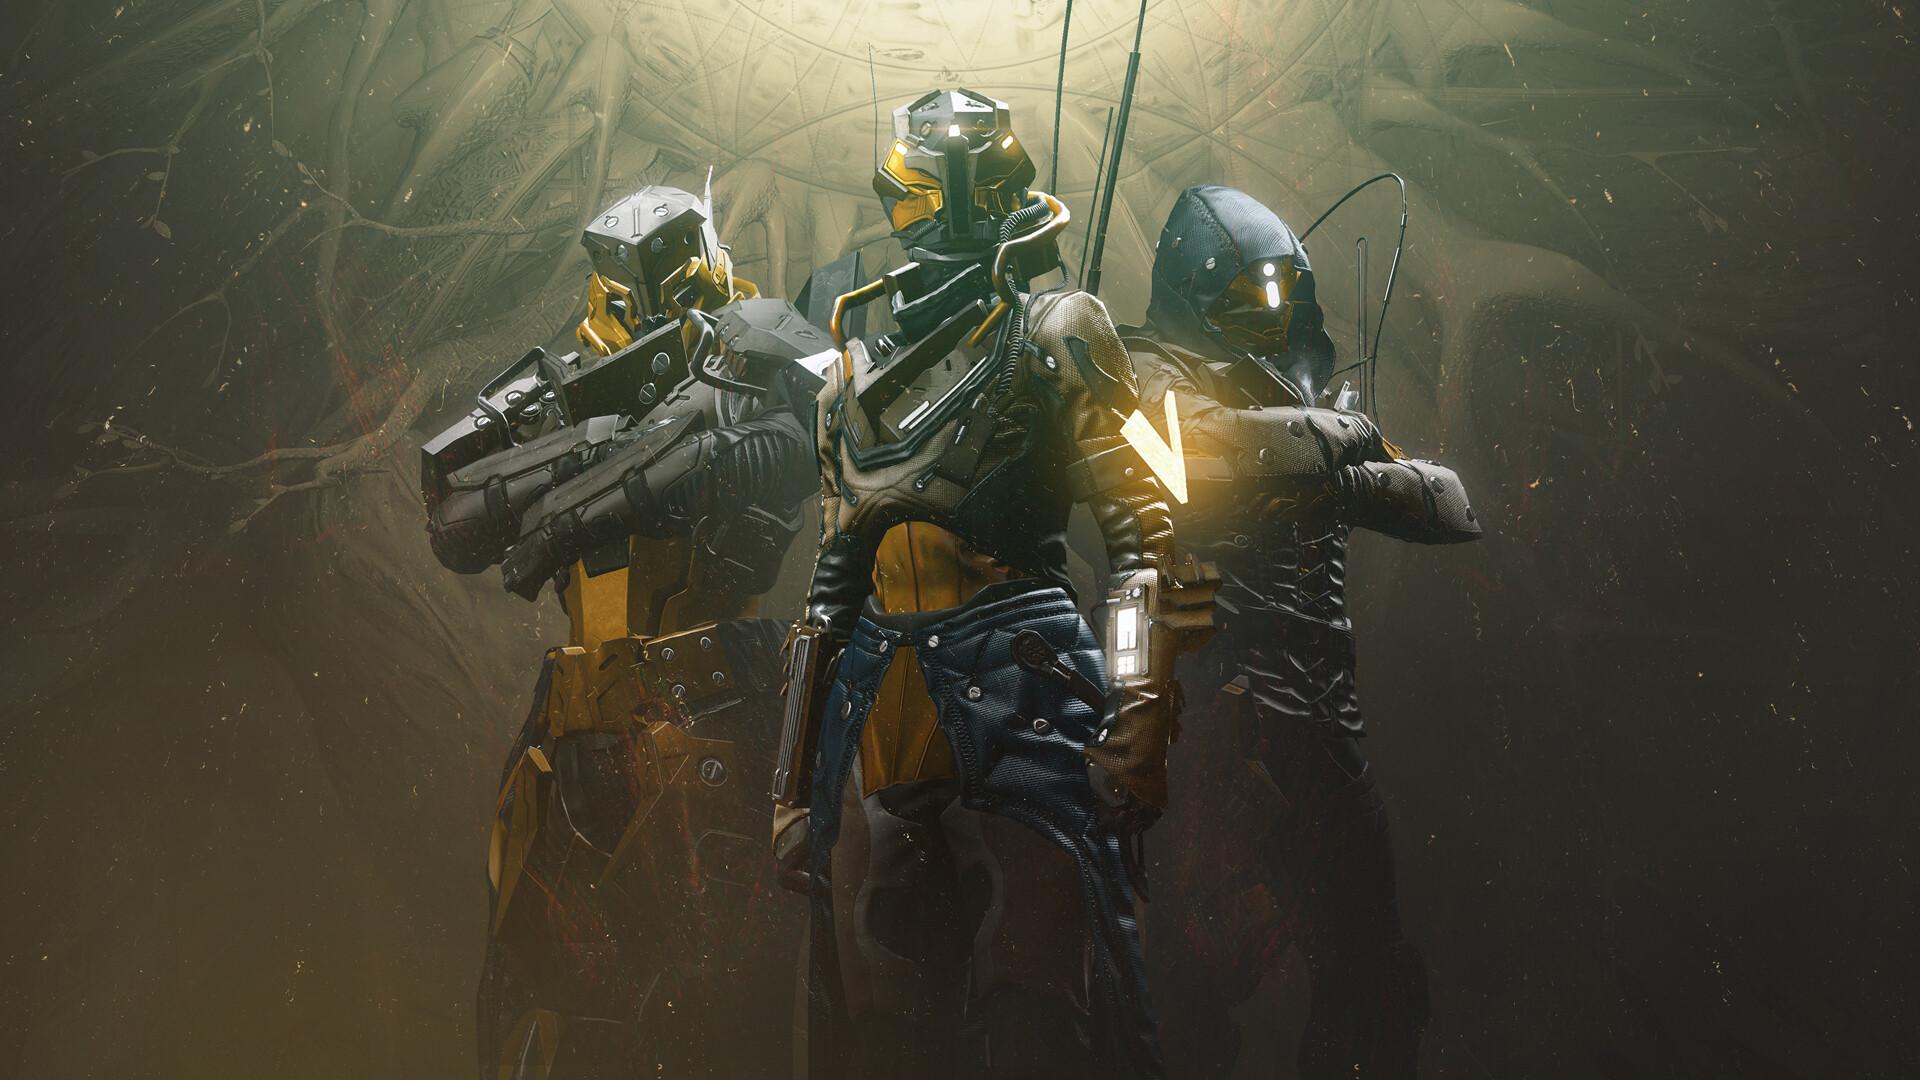 Trials-of-Osiris-21th-may-25th-may-1